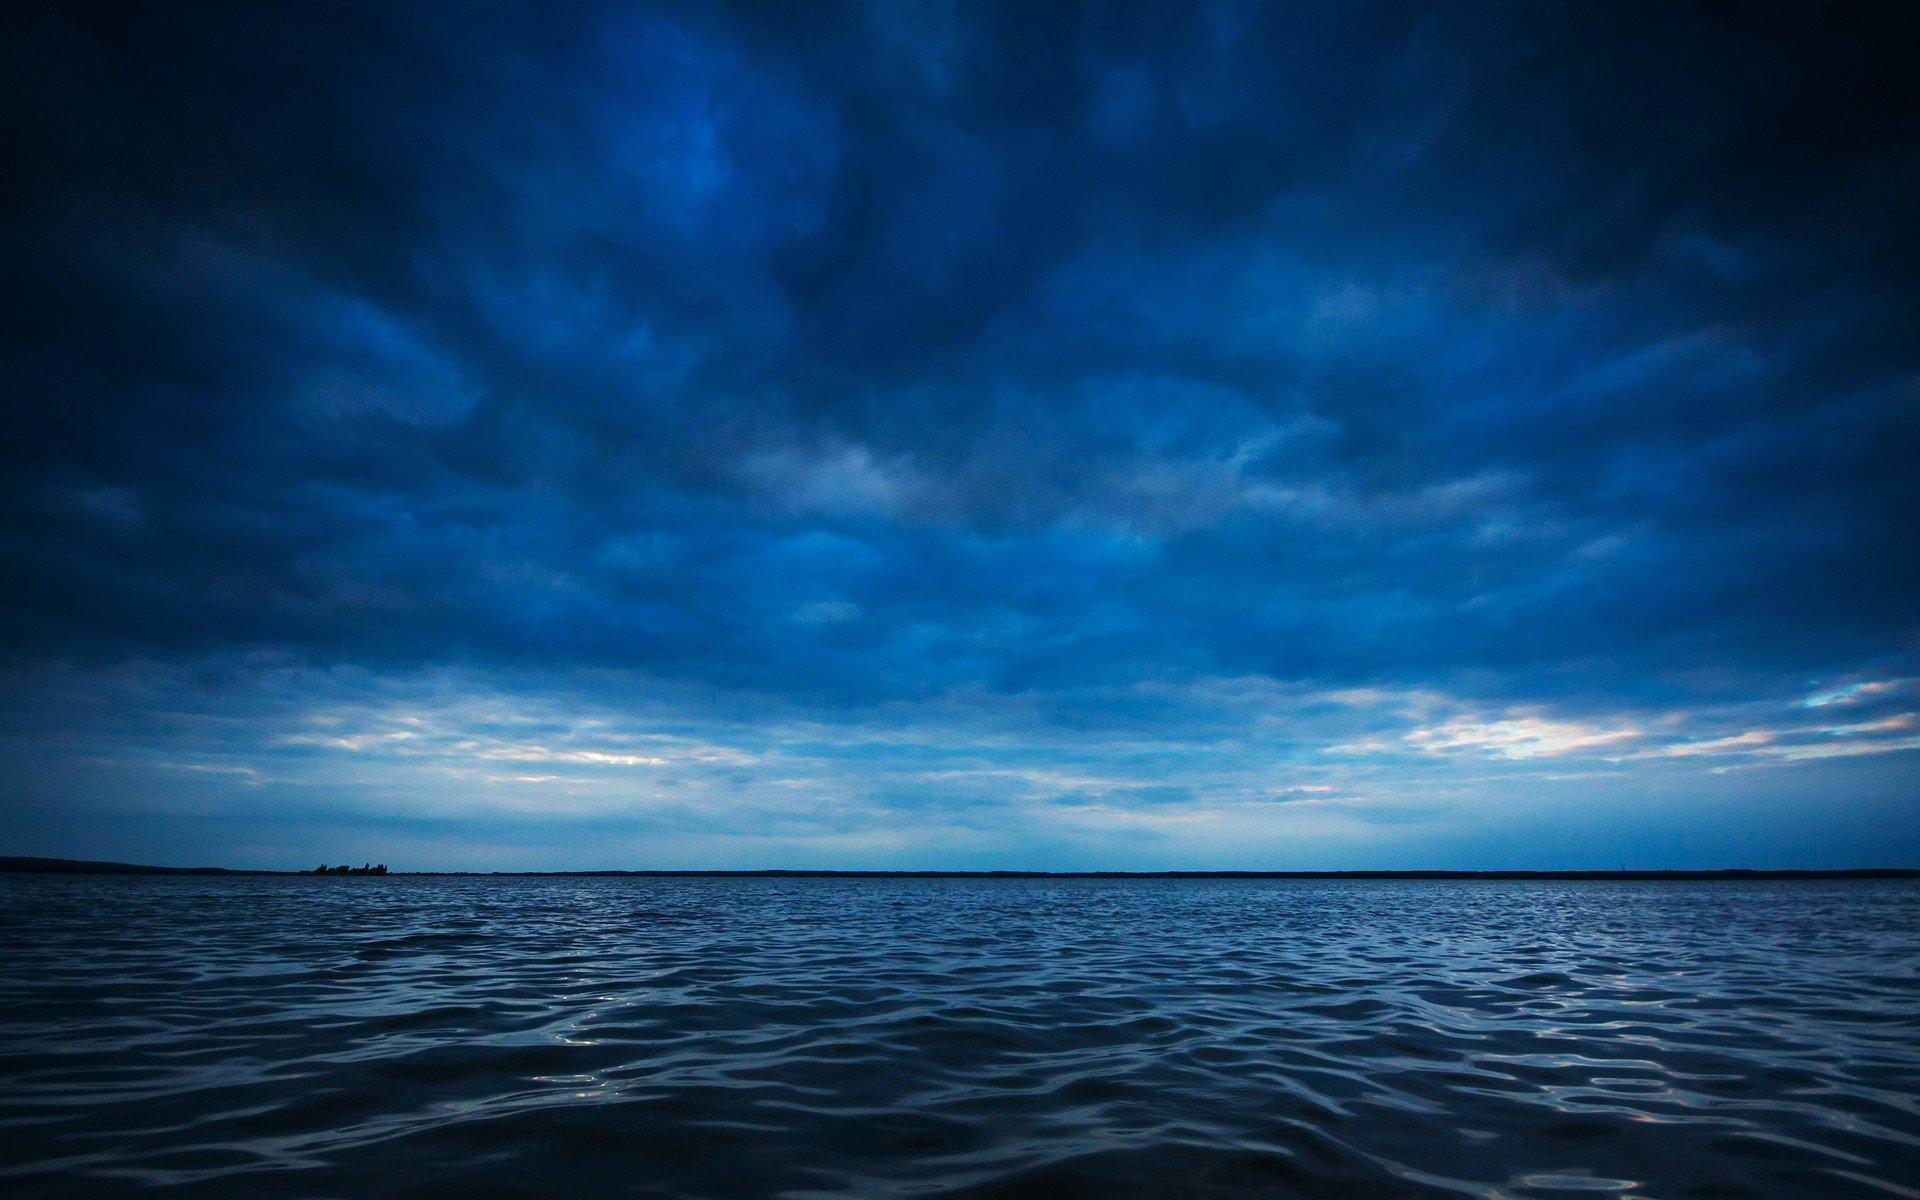 Ocean horizon wallpaper wallpapersafari - Wallpaper ocean blue ...